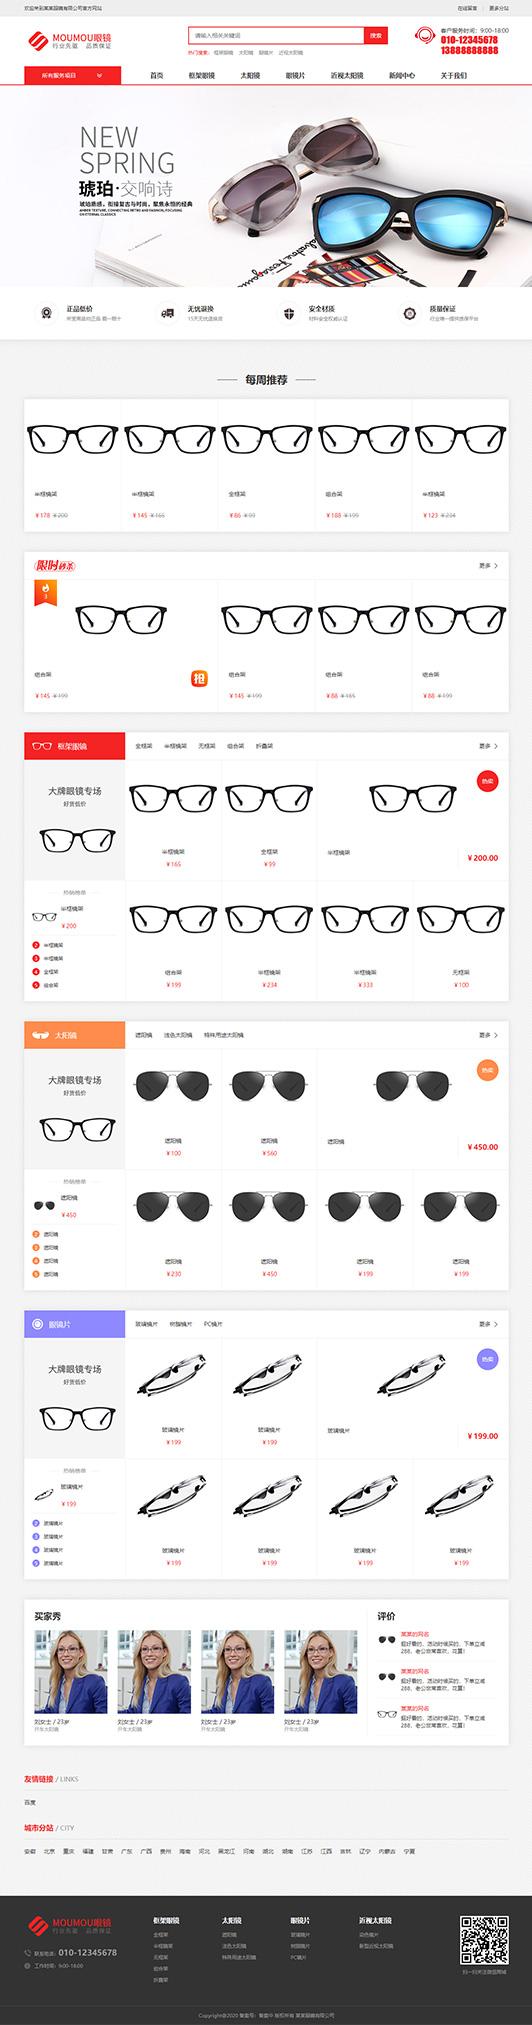 眼镜商城通用响应式模板